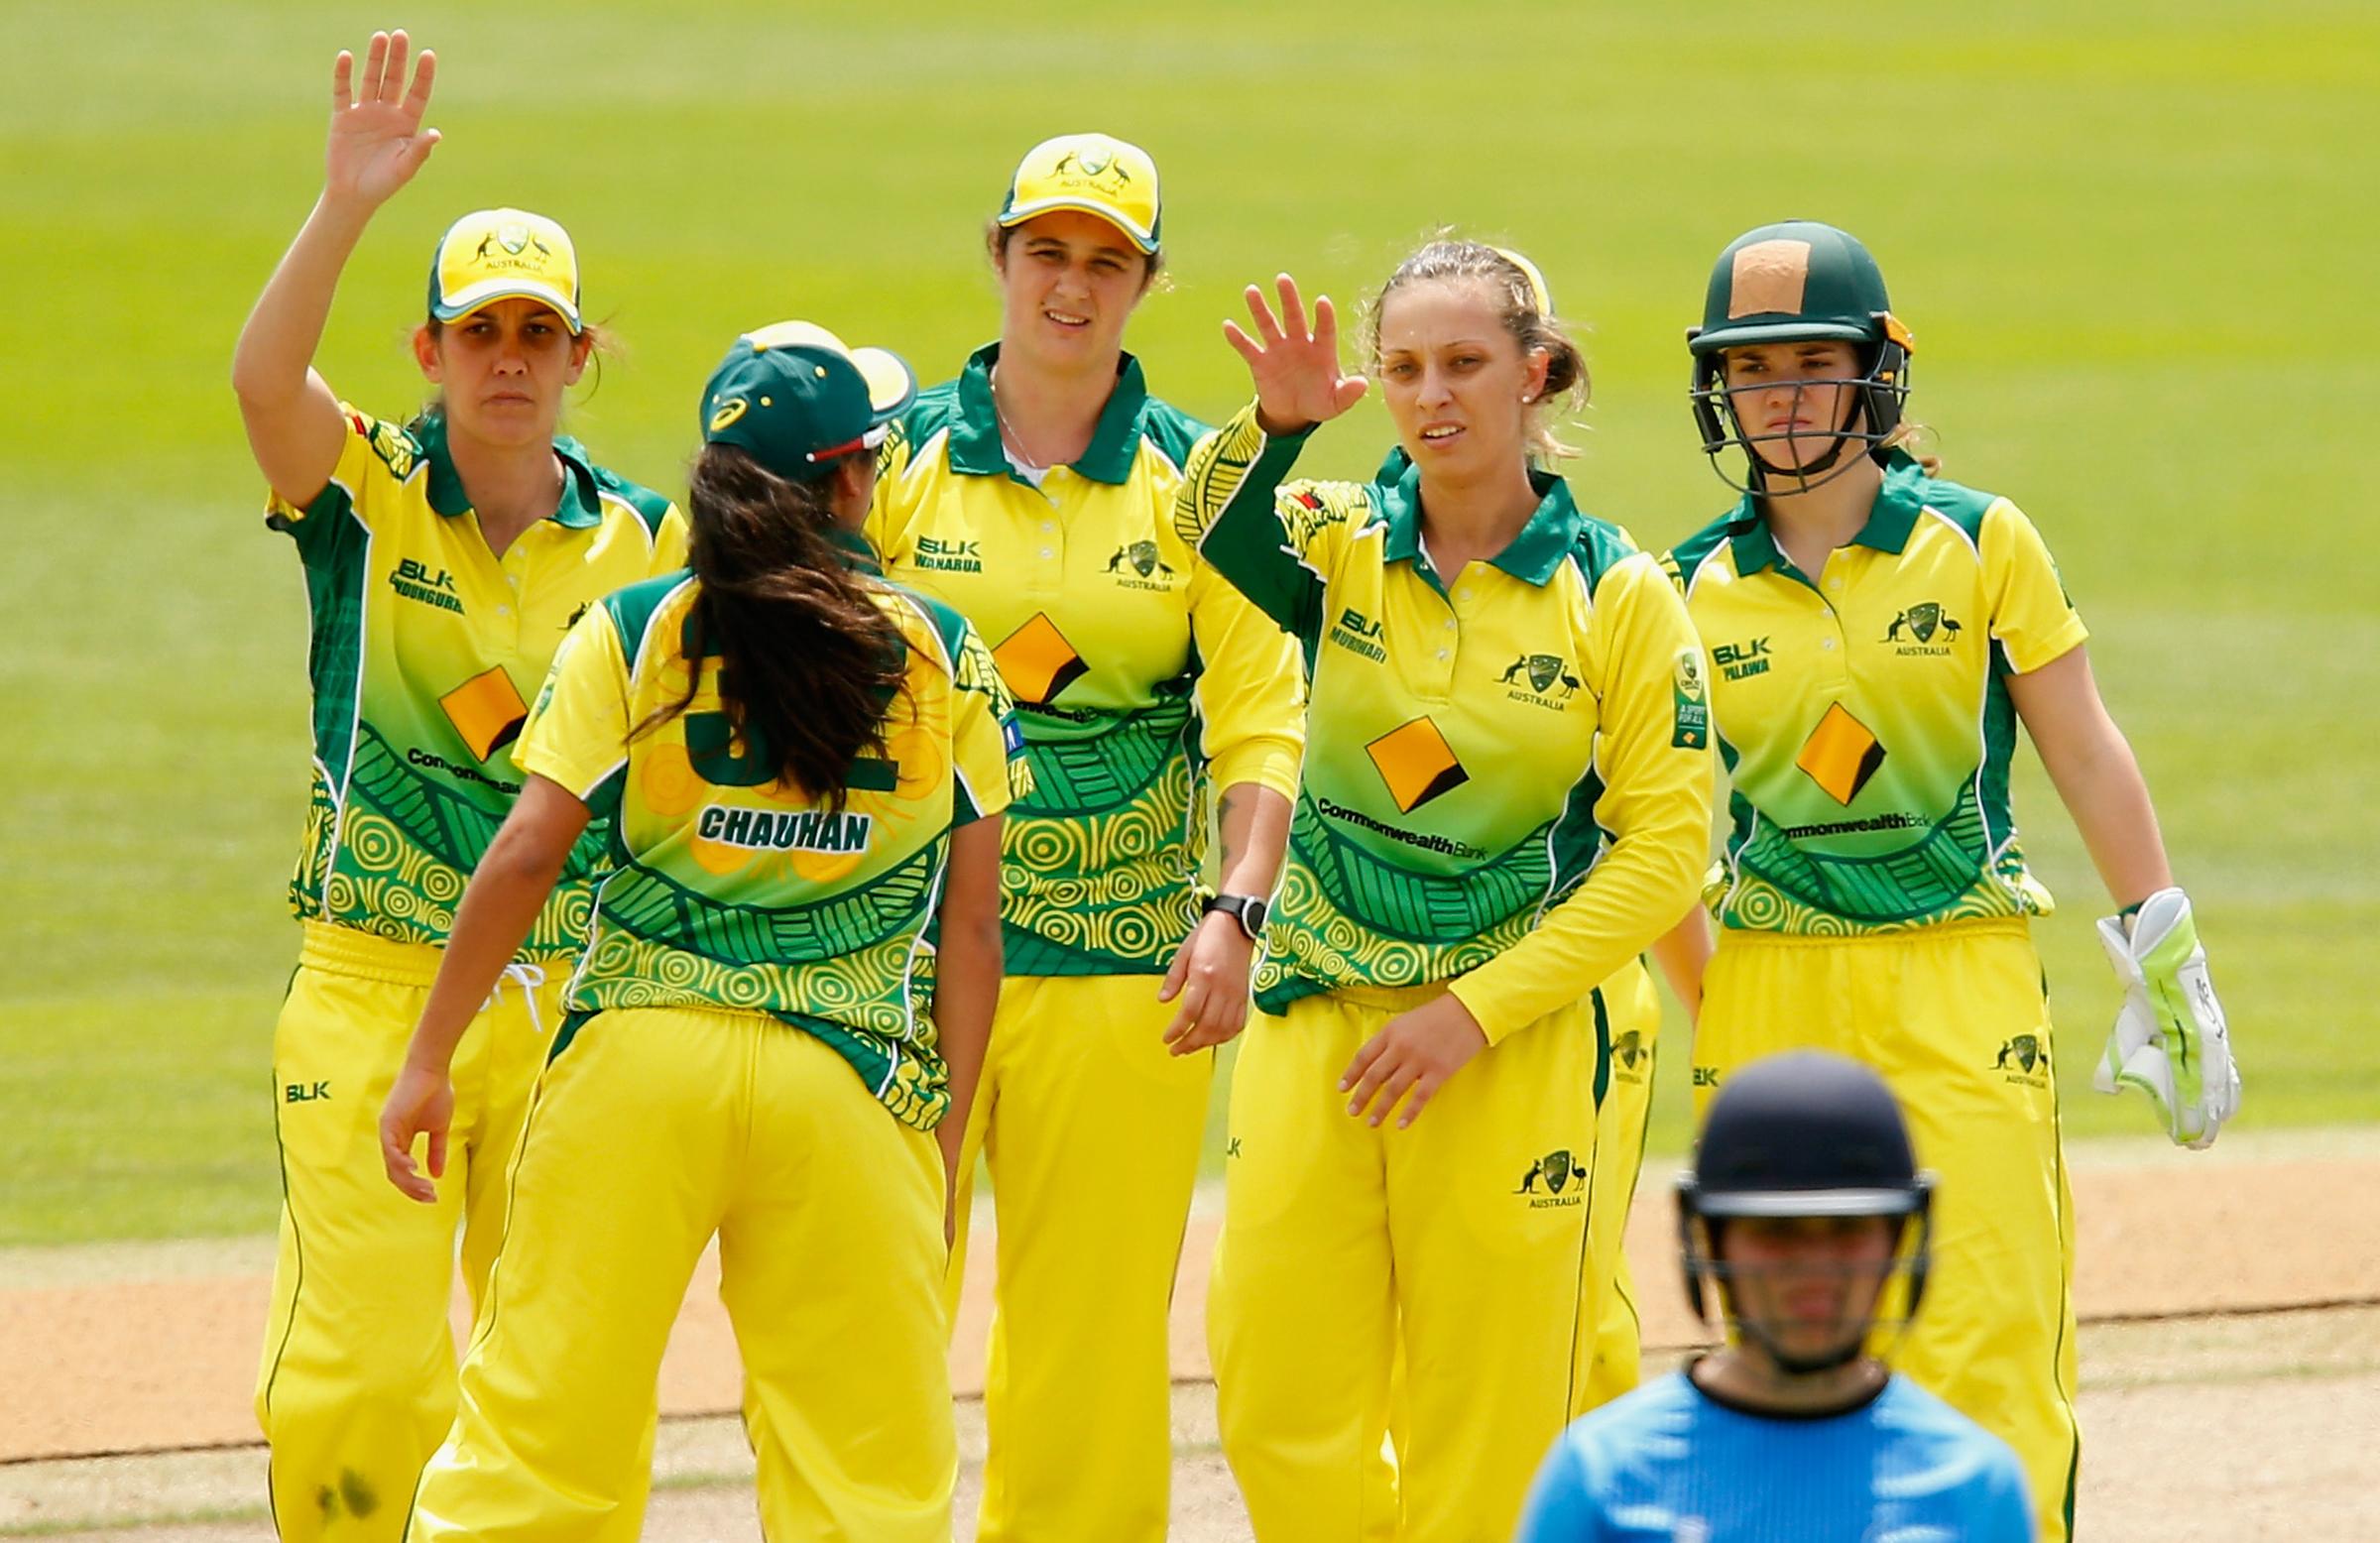 The women's side celebrate a wicket // Cricket Network